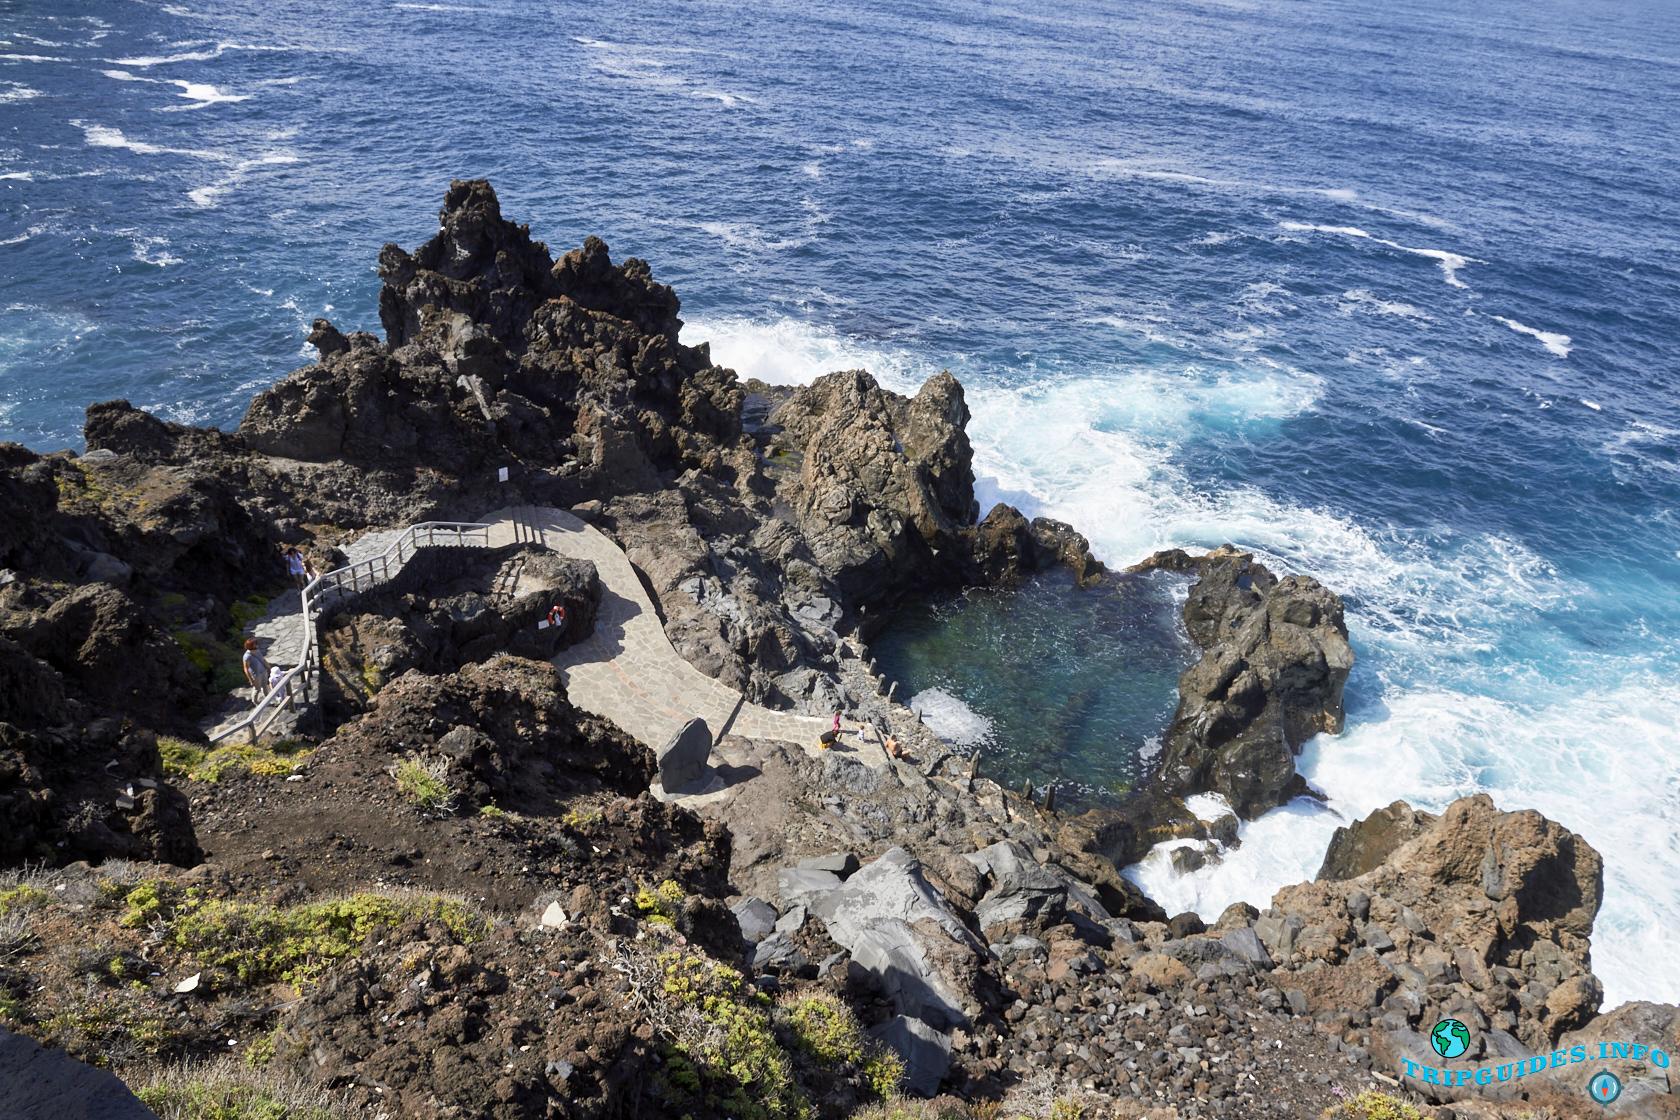 Отдых на Тенерифе - Природный бассейн Ла-Лаха, Канарские острова, Испания